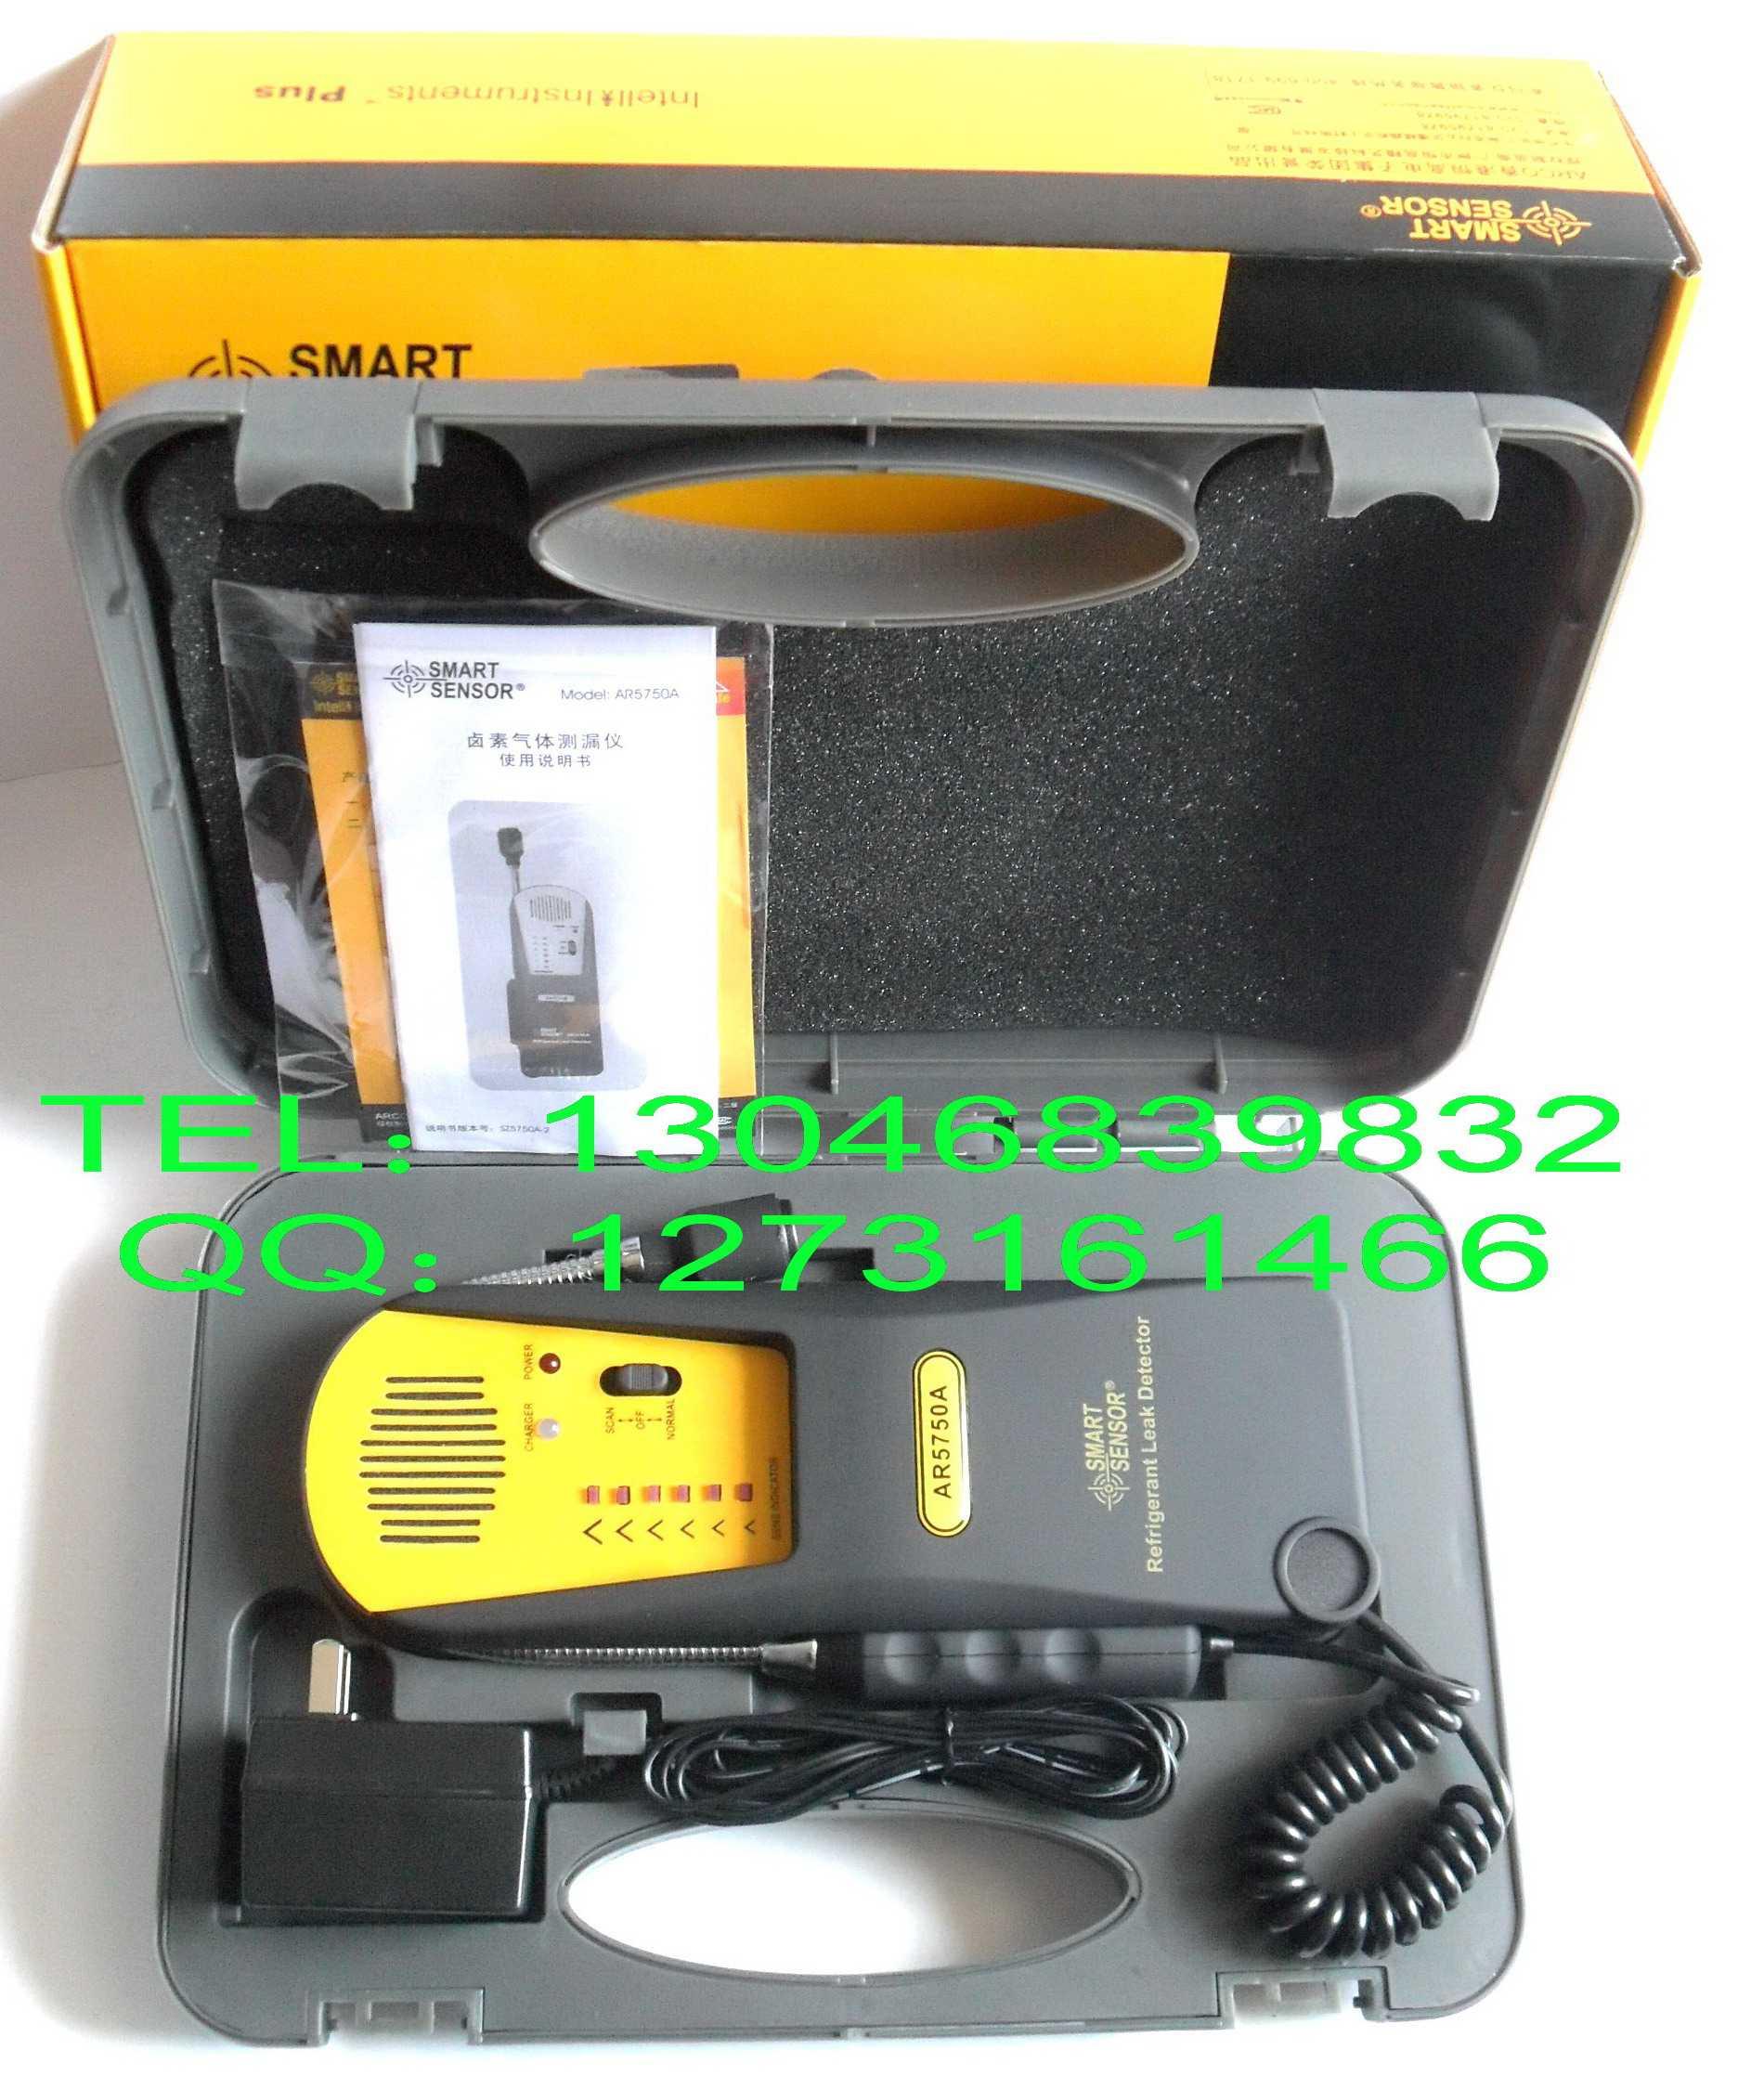 卤素气体检测仪,制冷气体检测仪